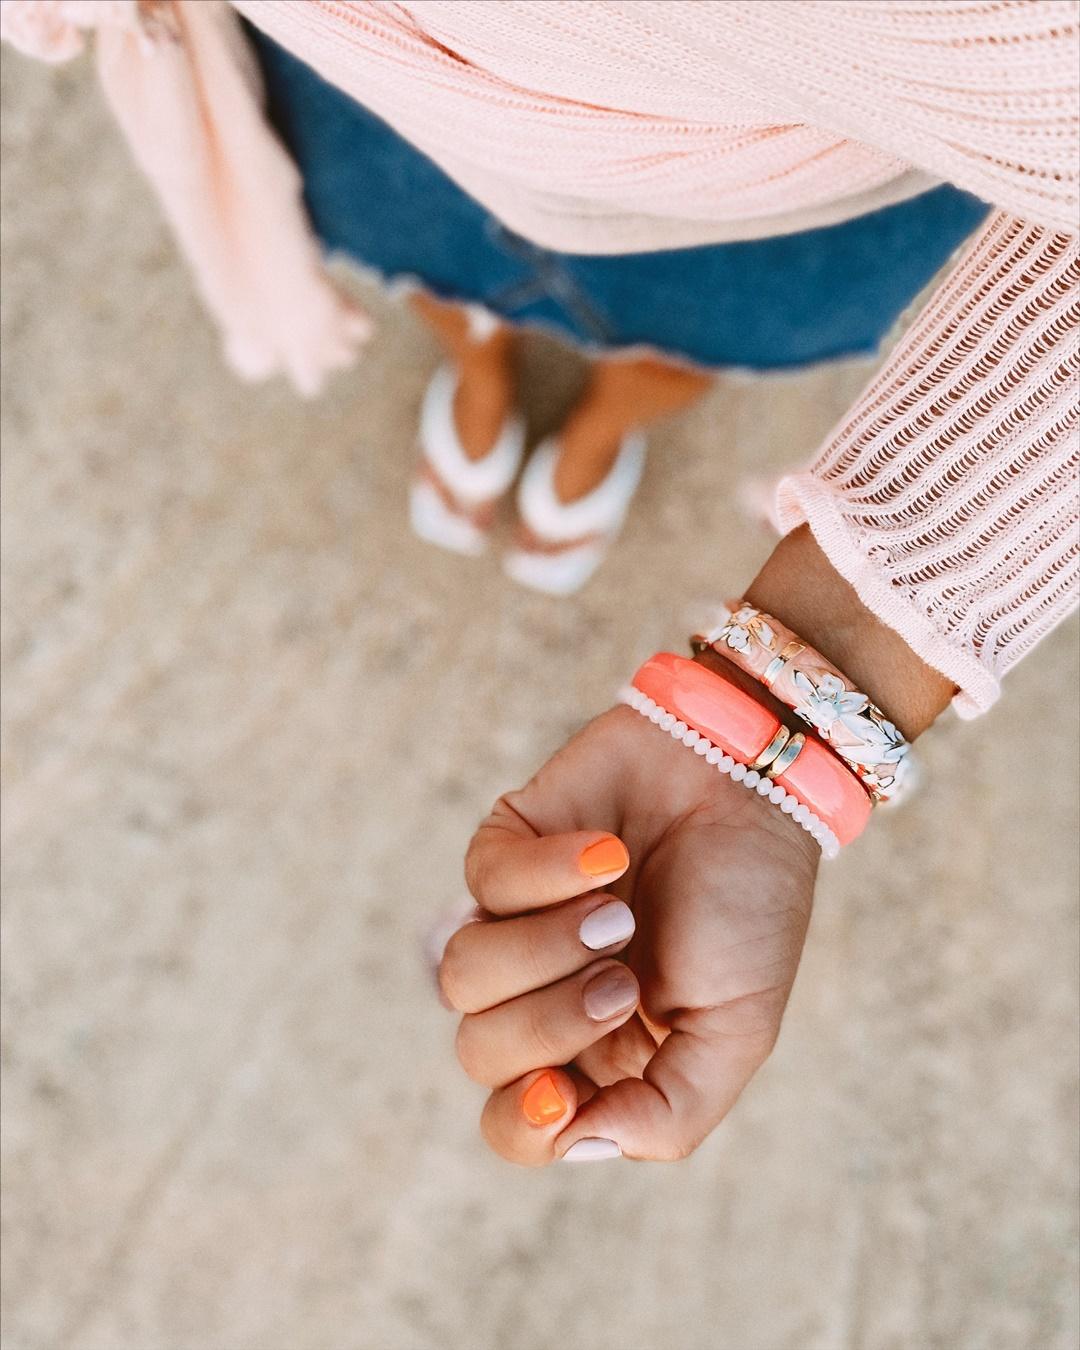 La manicura de la temporada es con colores flúor